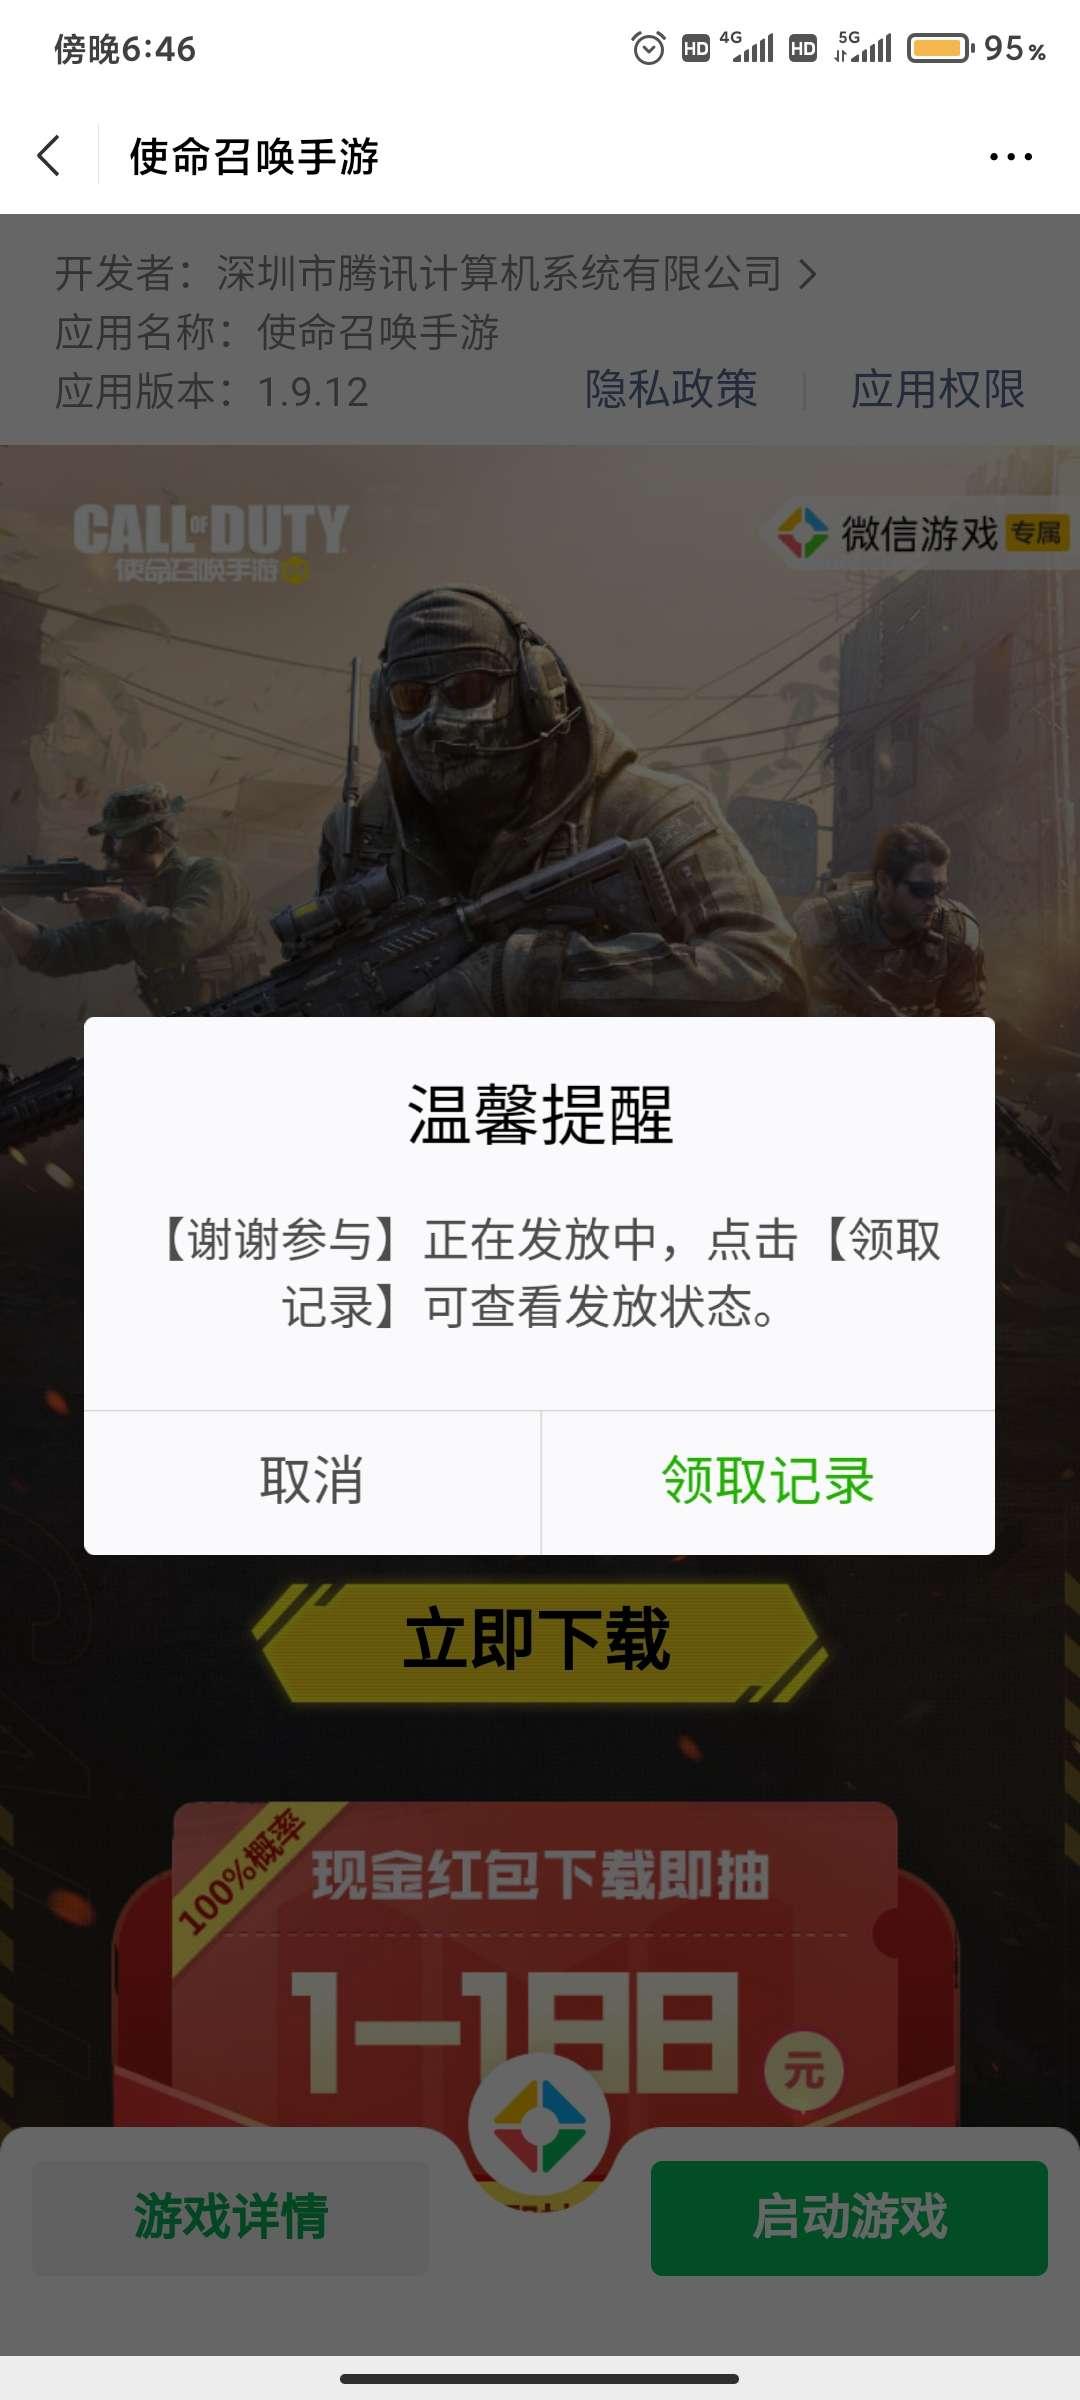 图片[2]-使命召唤下载注册领红包-老友薅羊毛活动线报网